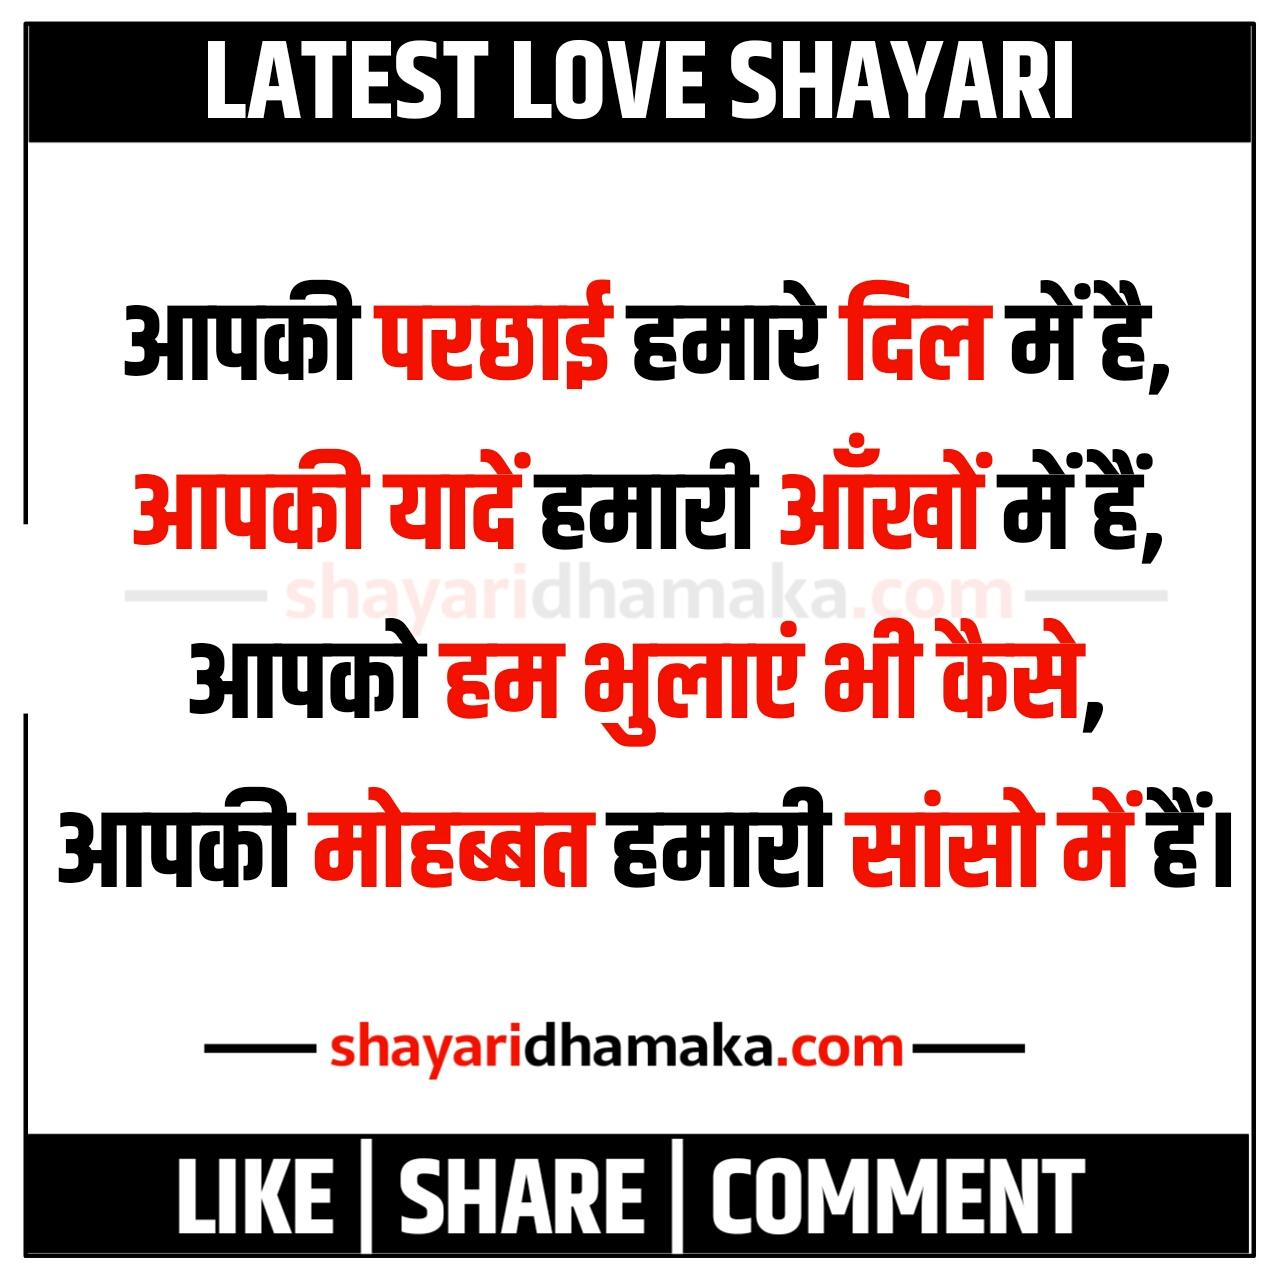 आपकी परछाई हमारे दिल में है - Latest Love Shayari